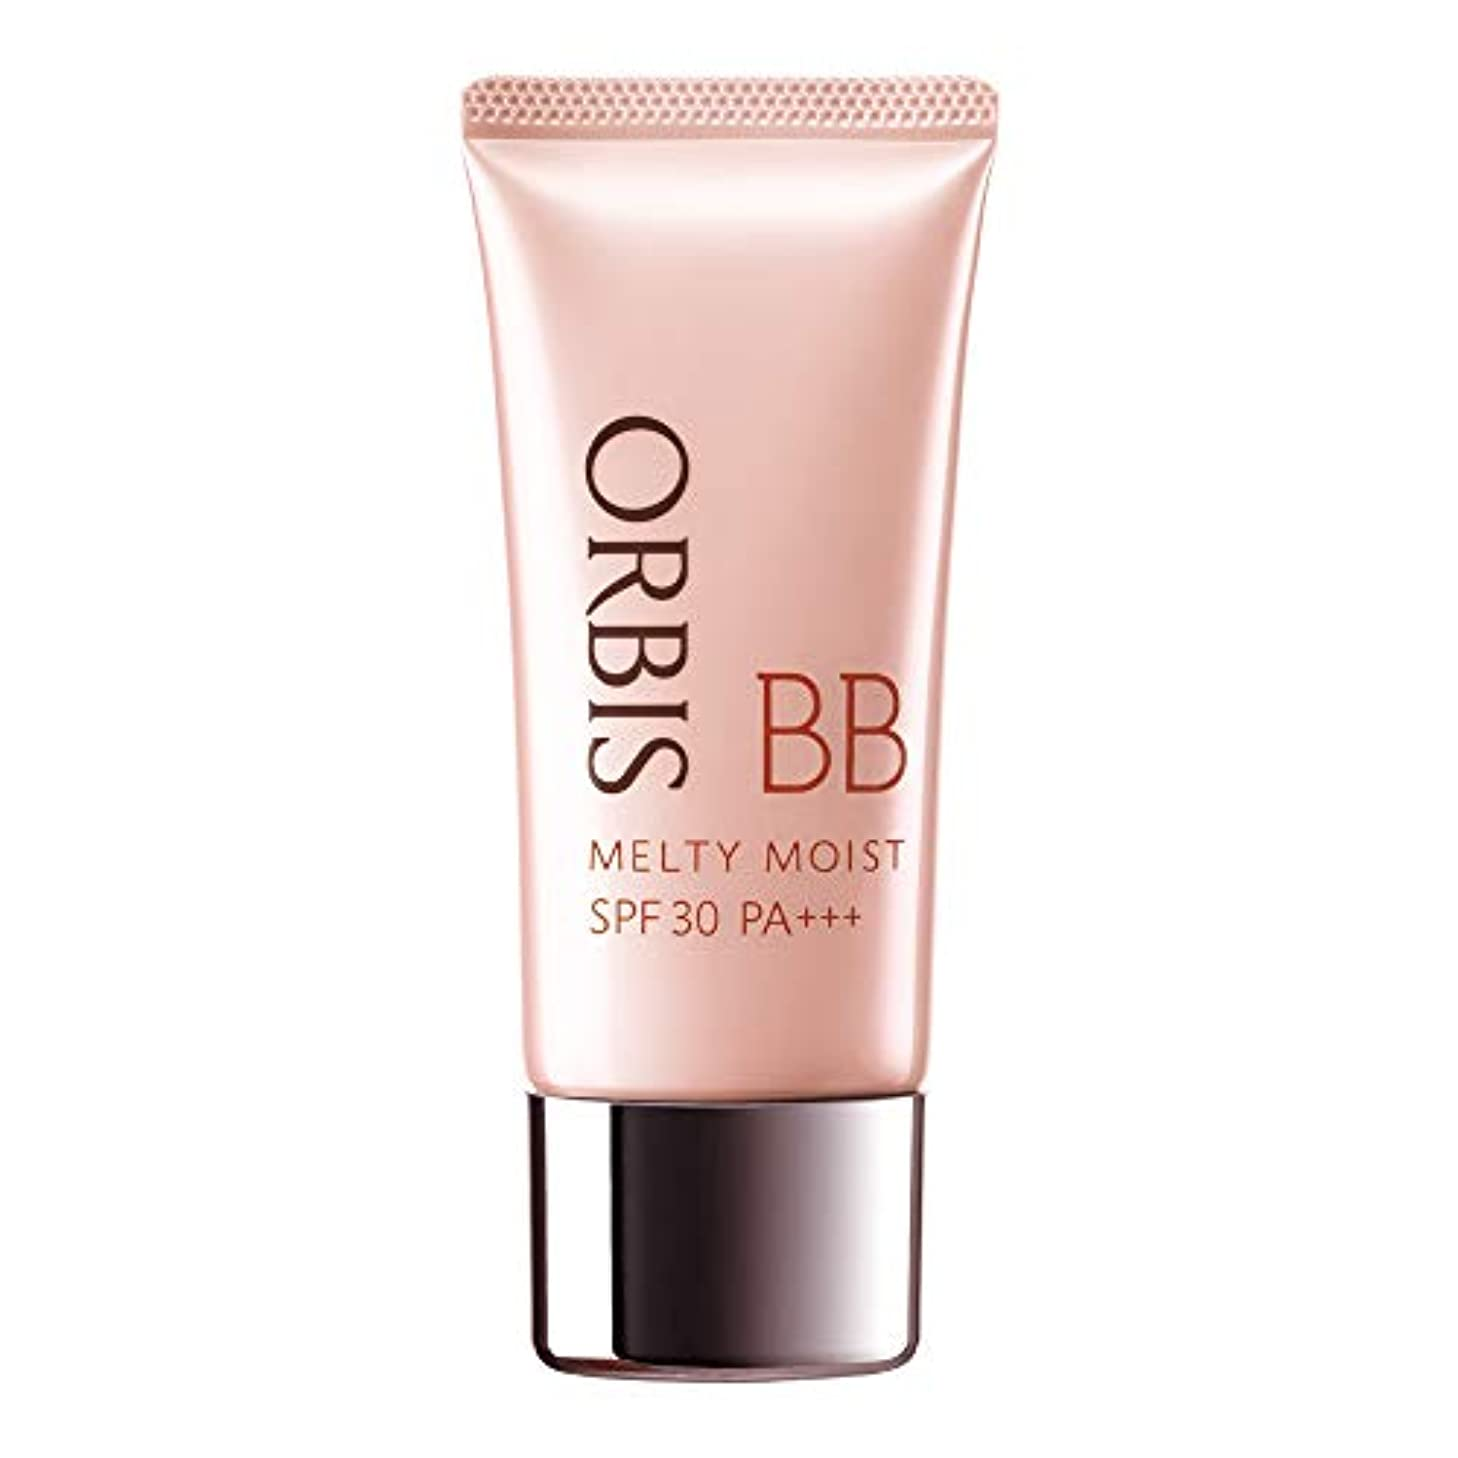 ゆり会話型問い合わせオルビス(ORBIS) メルティーモイスト BB ナチュラル 35g ◎BBクリーム◎